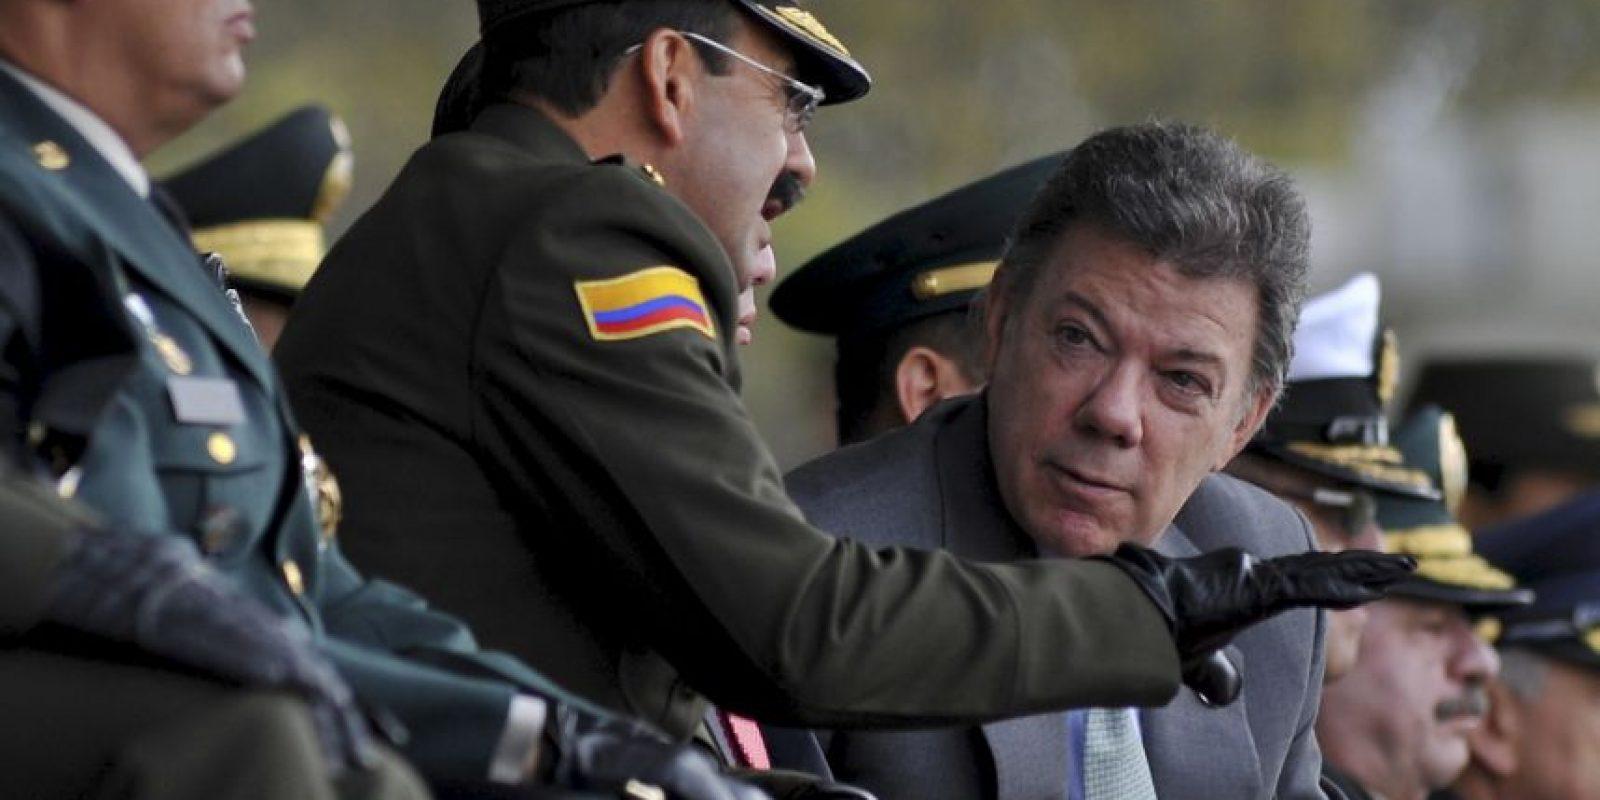 Estas penas serán de mínimo de 5 años y 8 años Foto:AFP